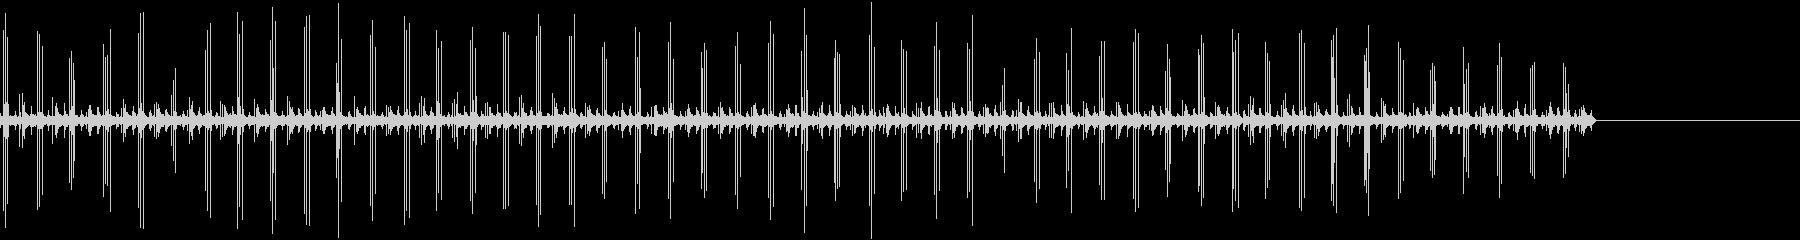 蒸気機関-MUNKTELL1889-潤滑の未再生の波形